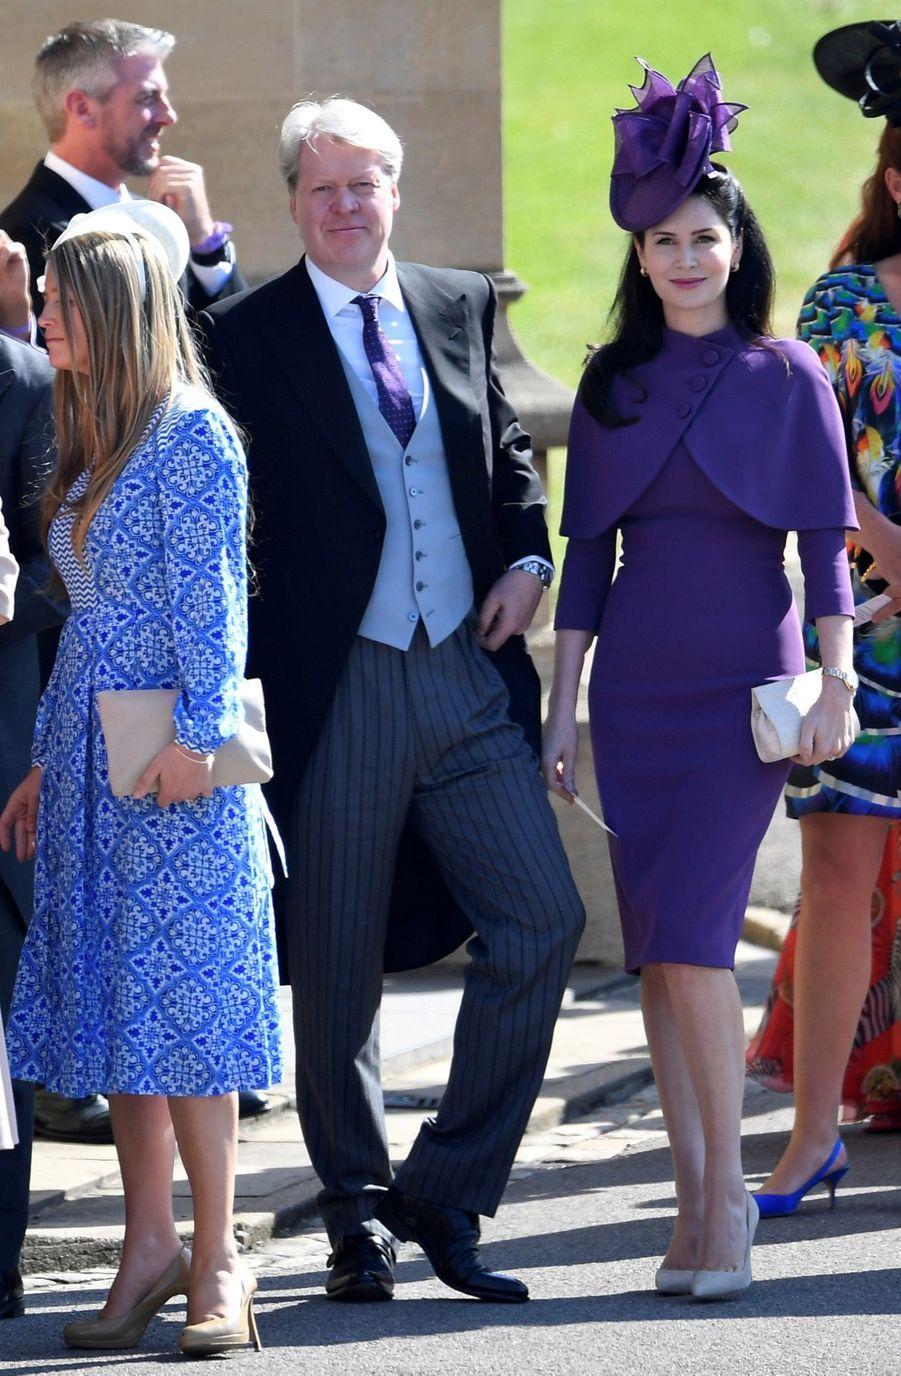 Le Mariage Du Prince Harry Et Meghan Markle En Photos ( 1